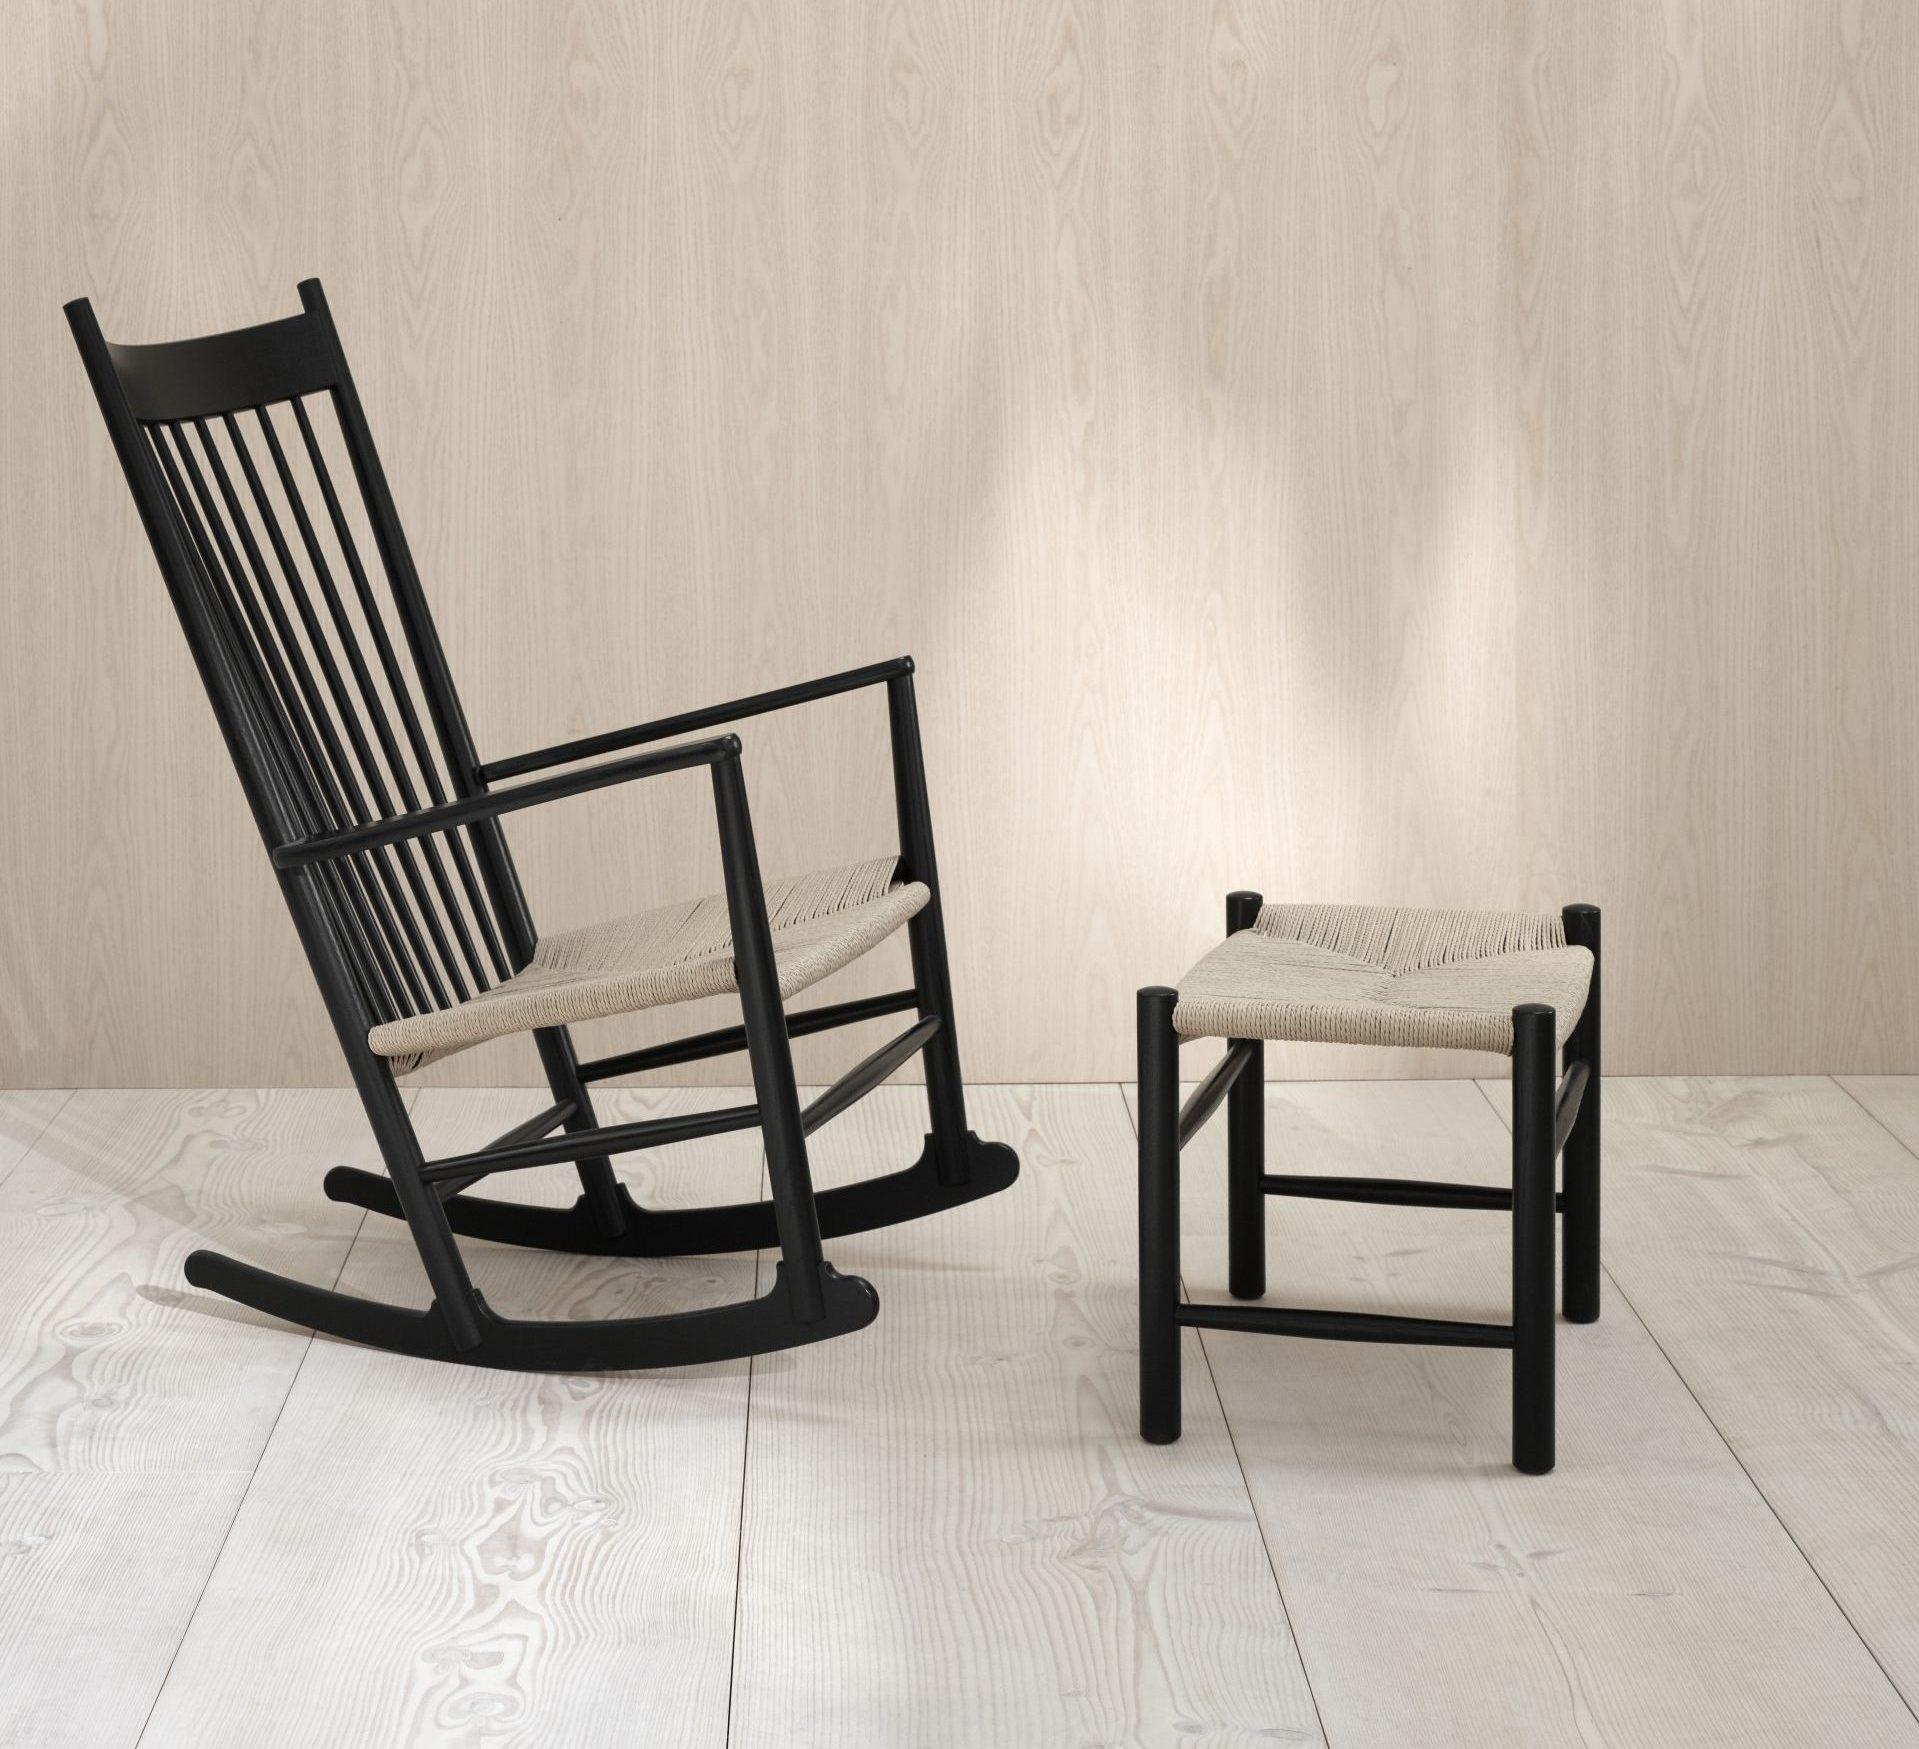 Gyngestol J16 med skammel Hans J. Wegner Fredericia Furniture